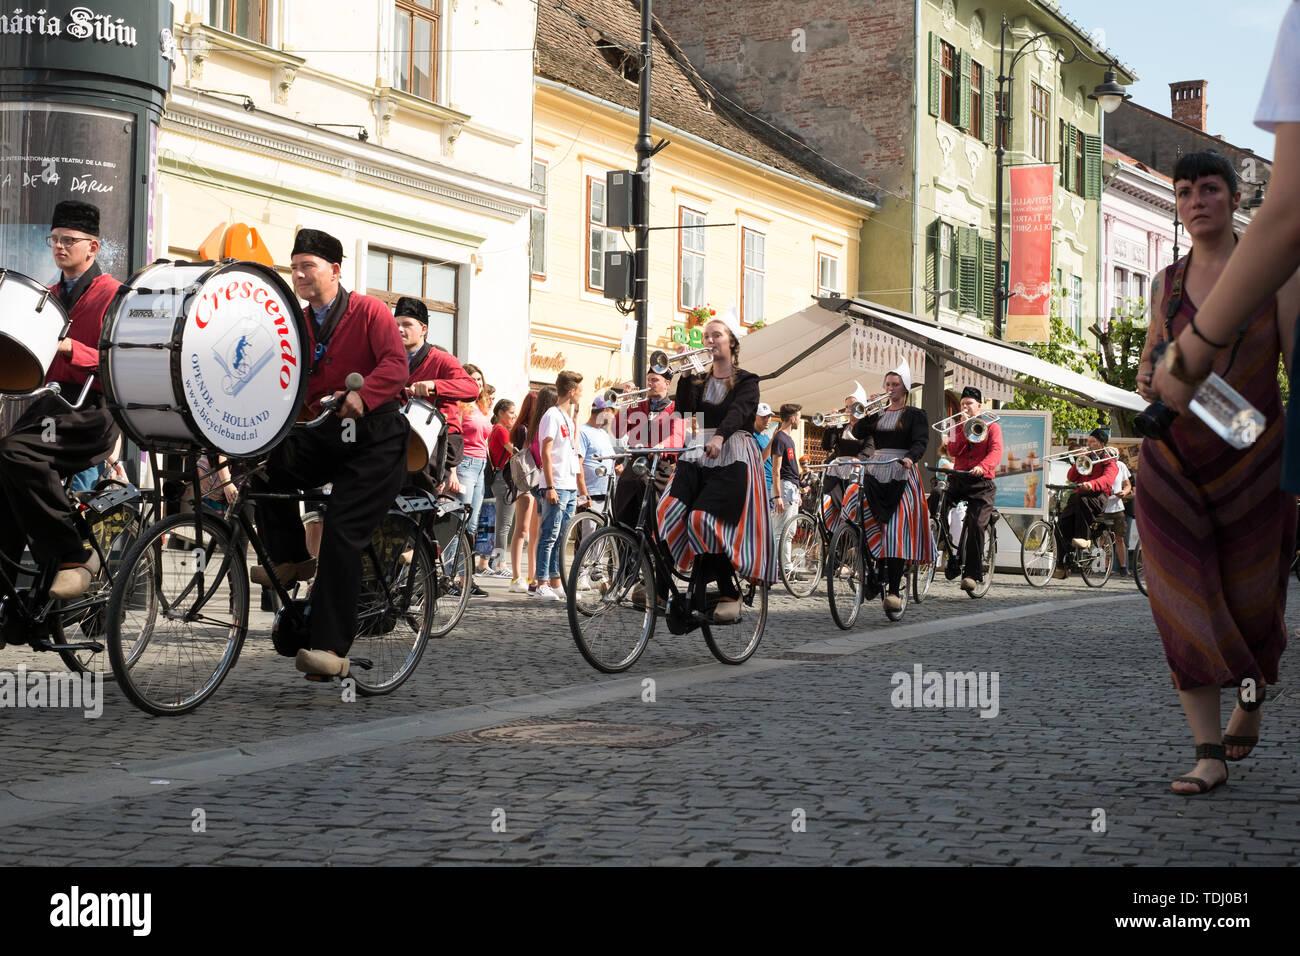 La città di Sibiu, Romania - 14 giugno 2019. Crescendo Opende banda di bicicletta da Paesi Bassi performanti a Sibiu il Festival Internazionale del Teatro da Sibiu, Immagini Stock